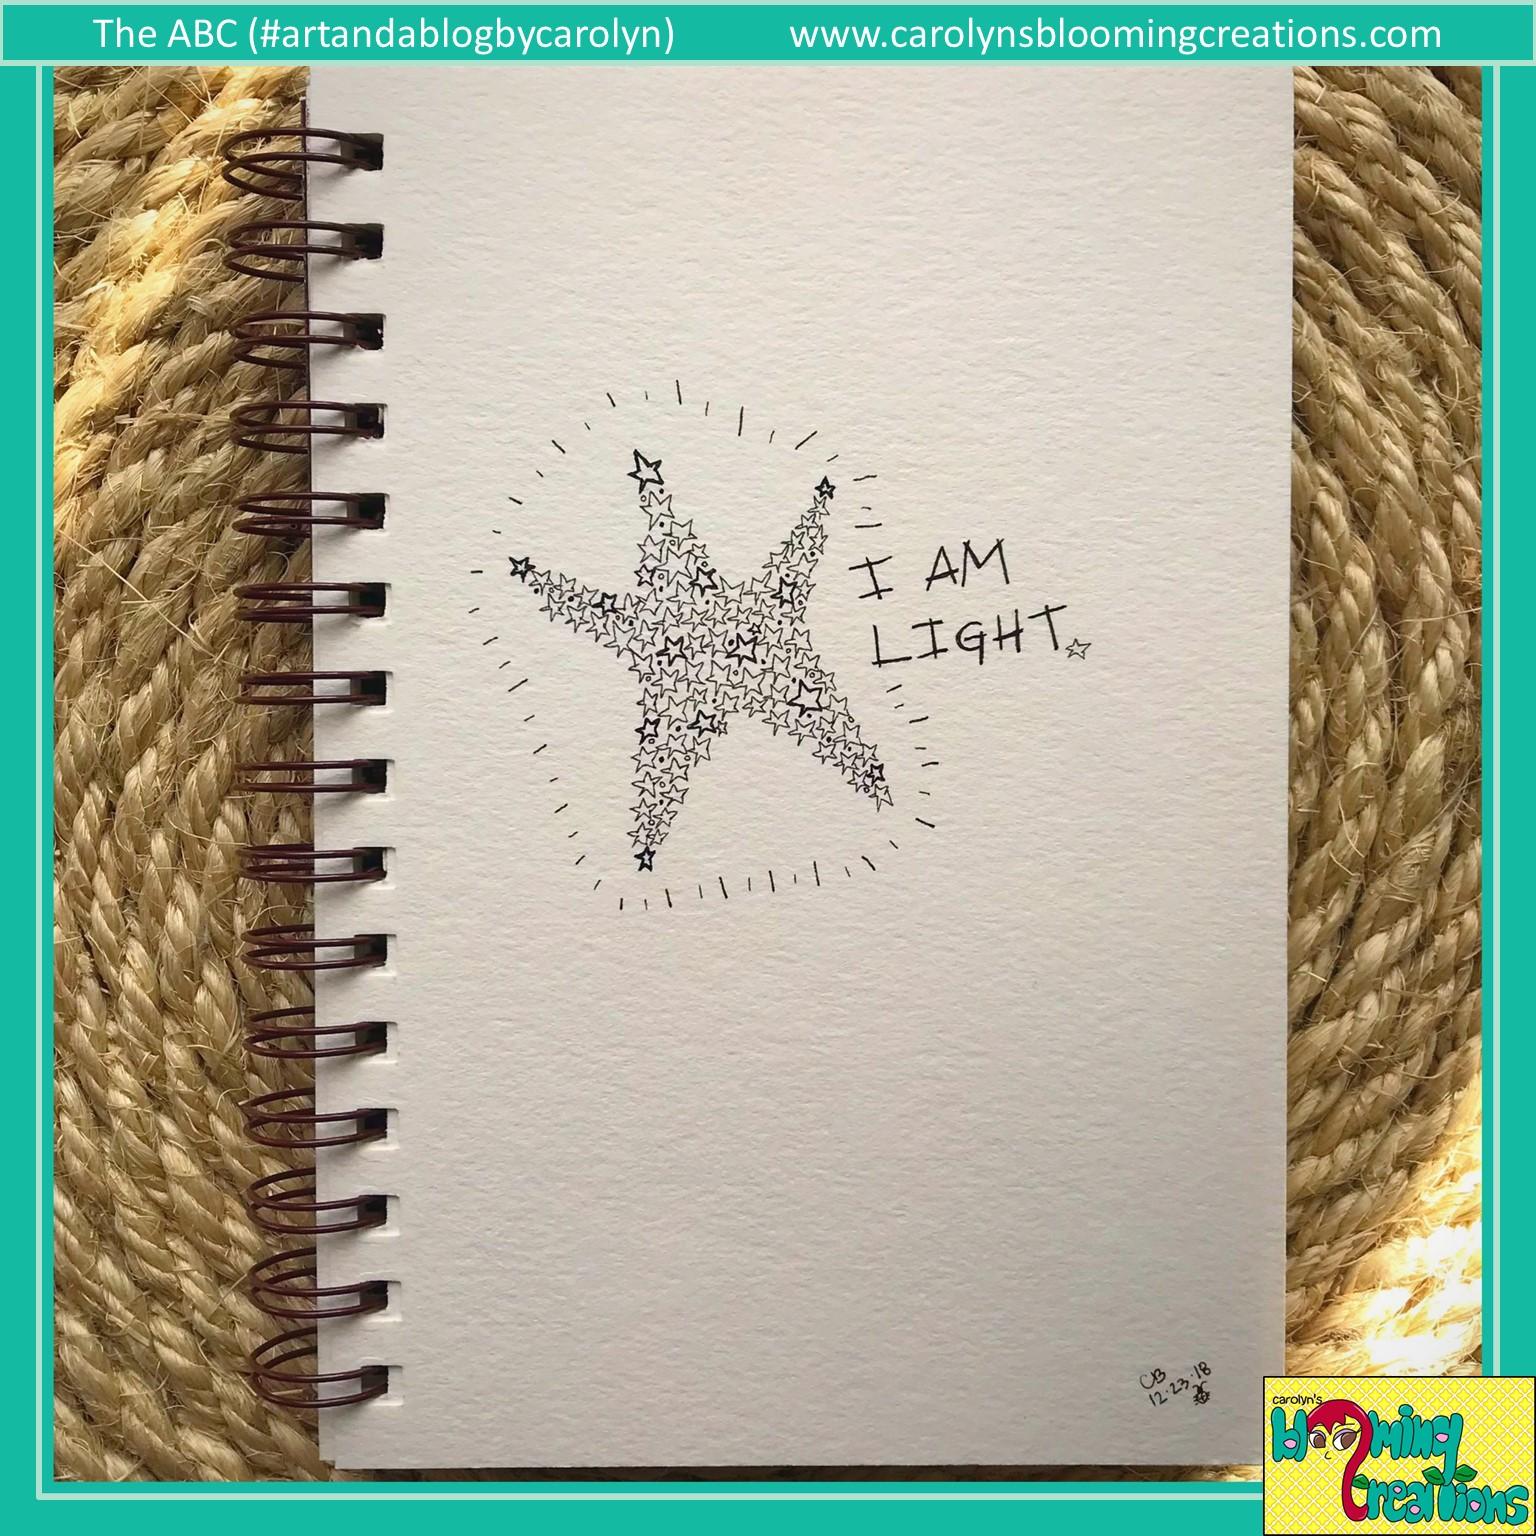 Art by Carolyn J. Braden, Media: Faber Castell PITT pens on paper